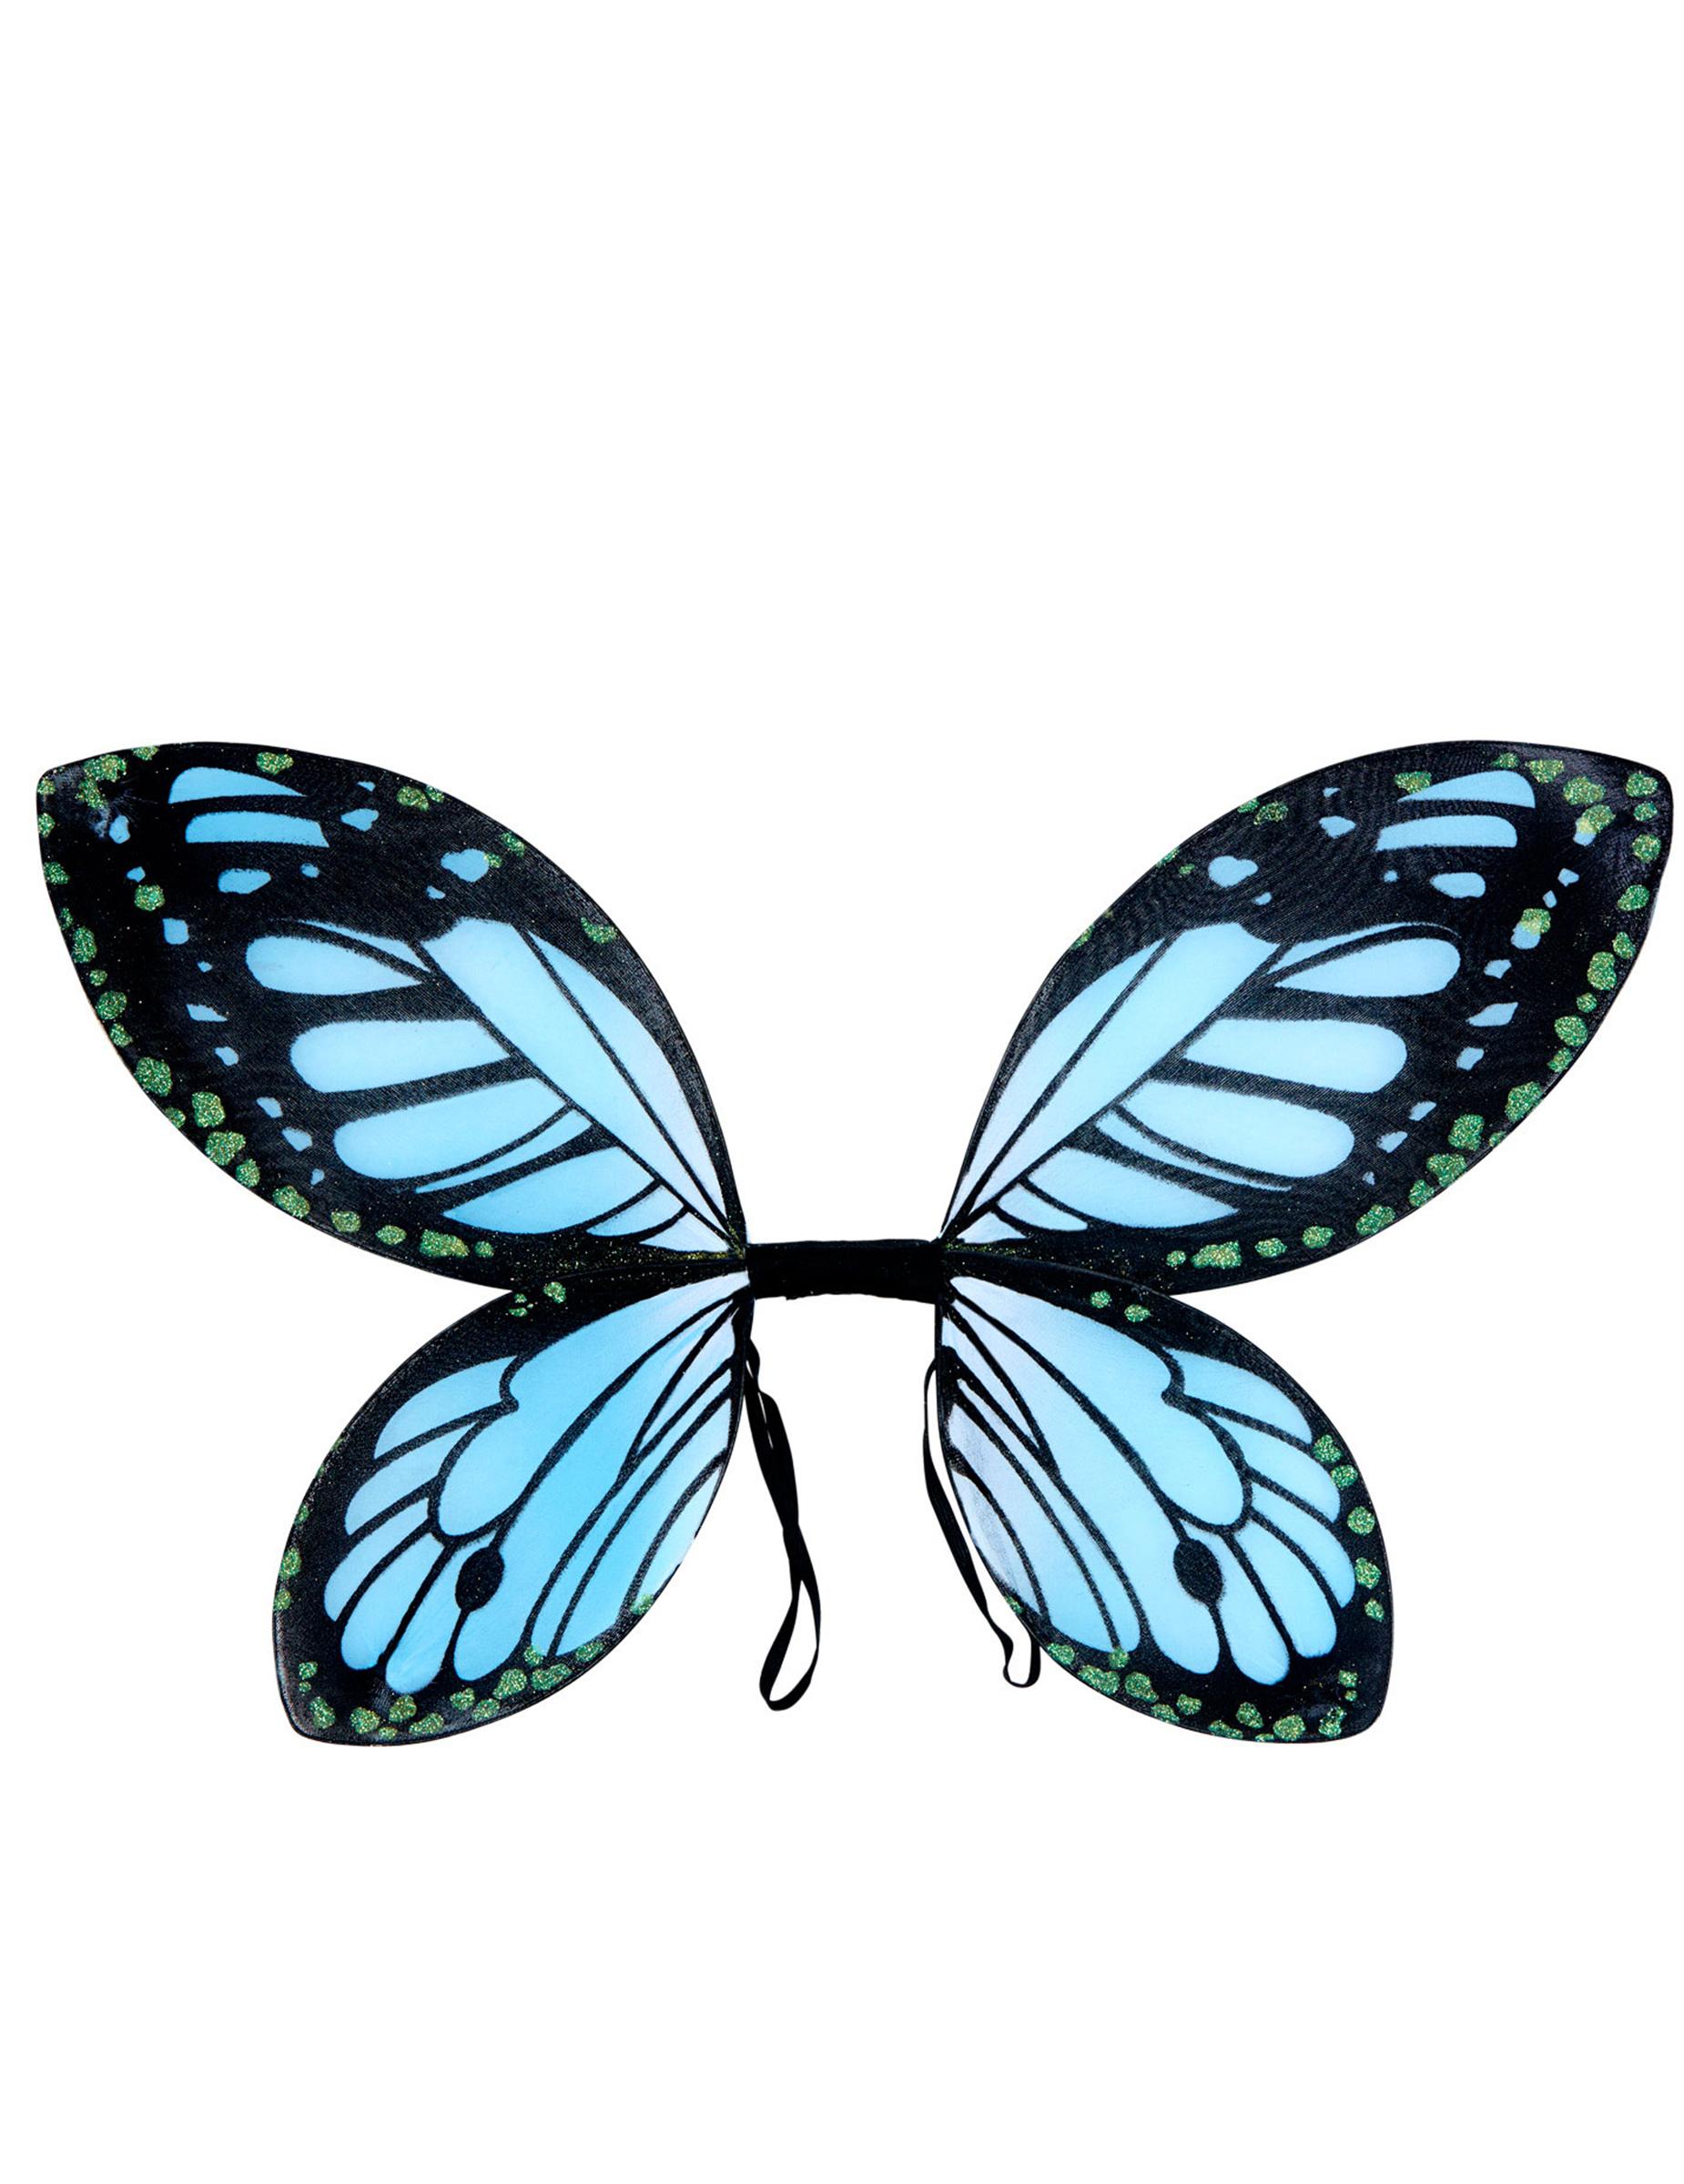 Aile De Papillon ailes papillon noires et bleue fille : deguise-toi, achat de accessoires